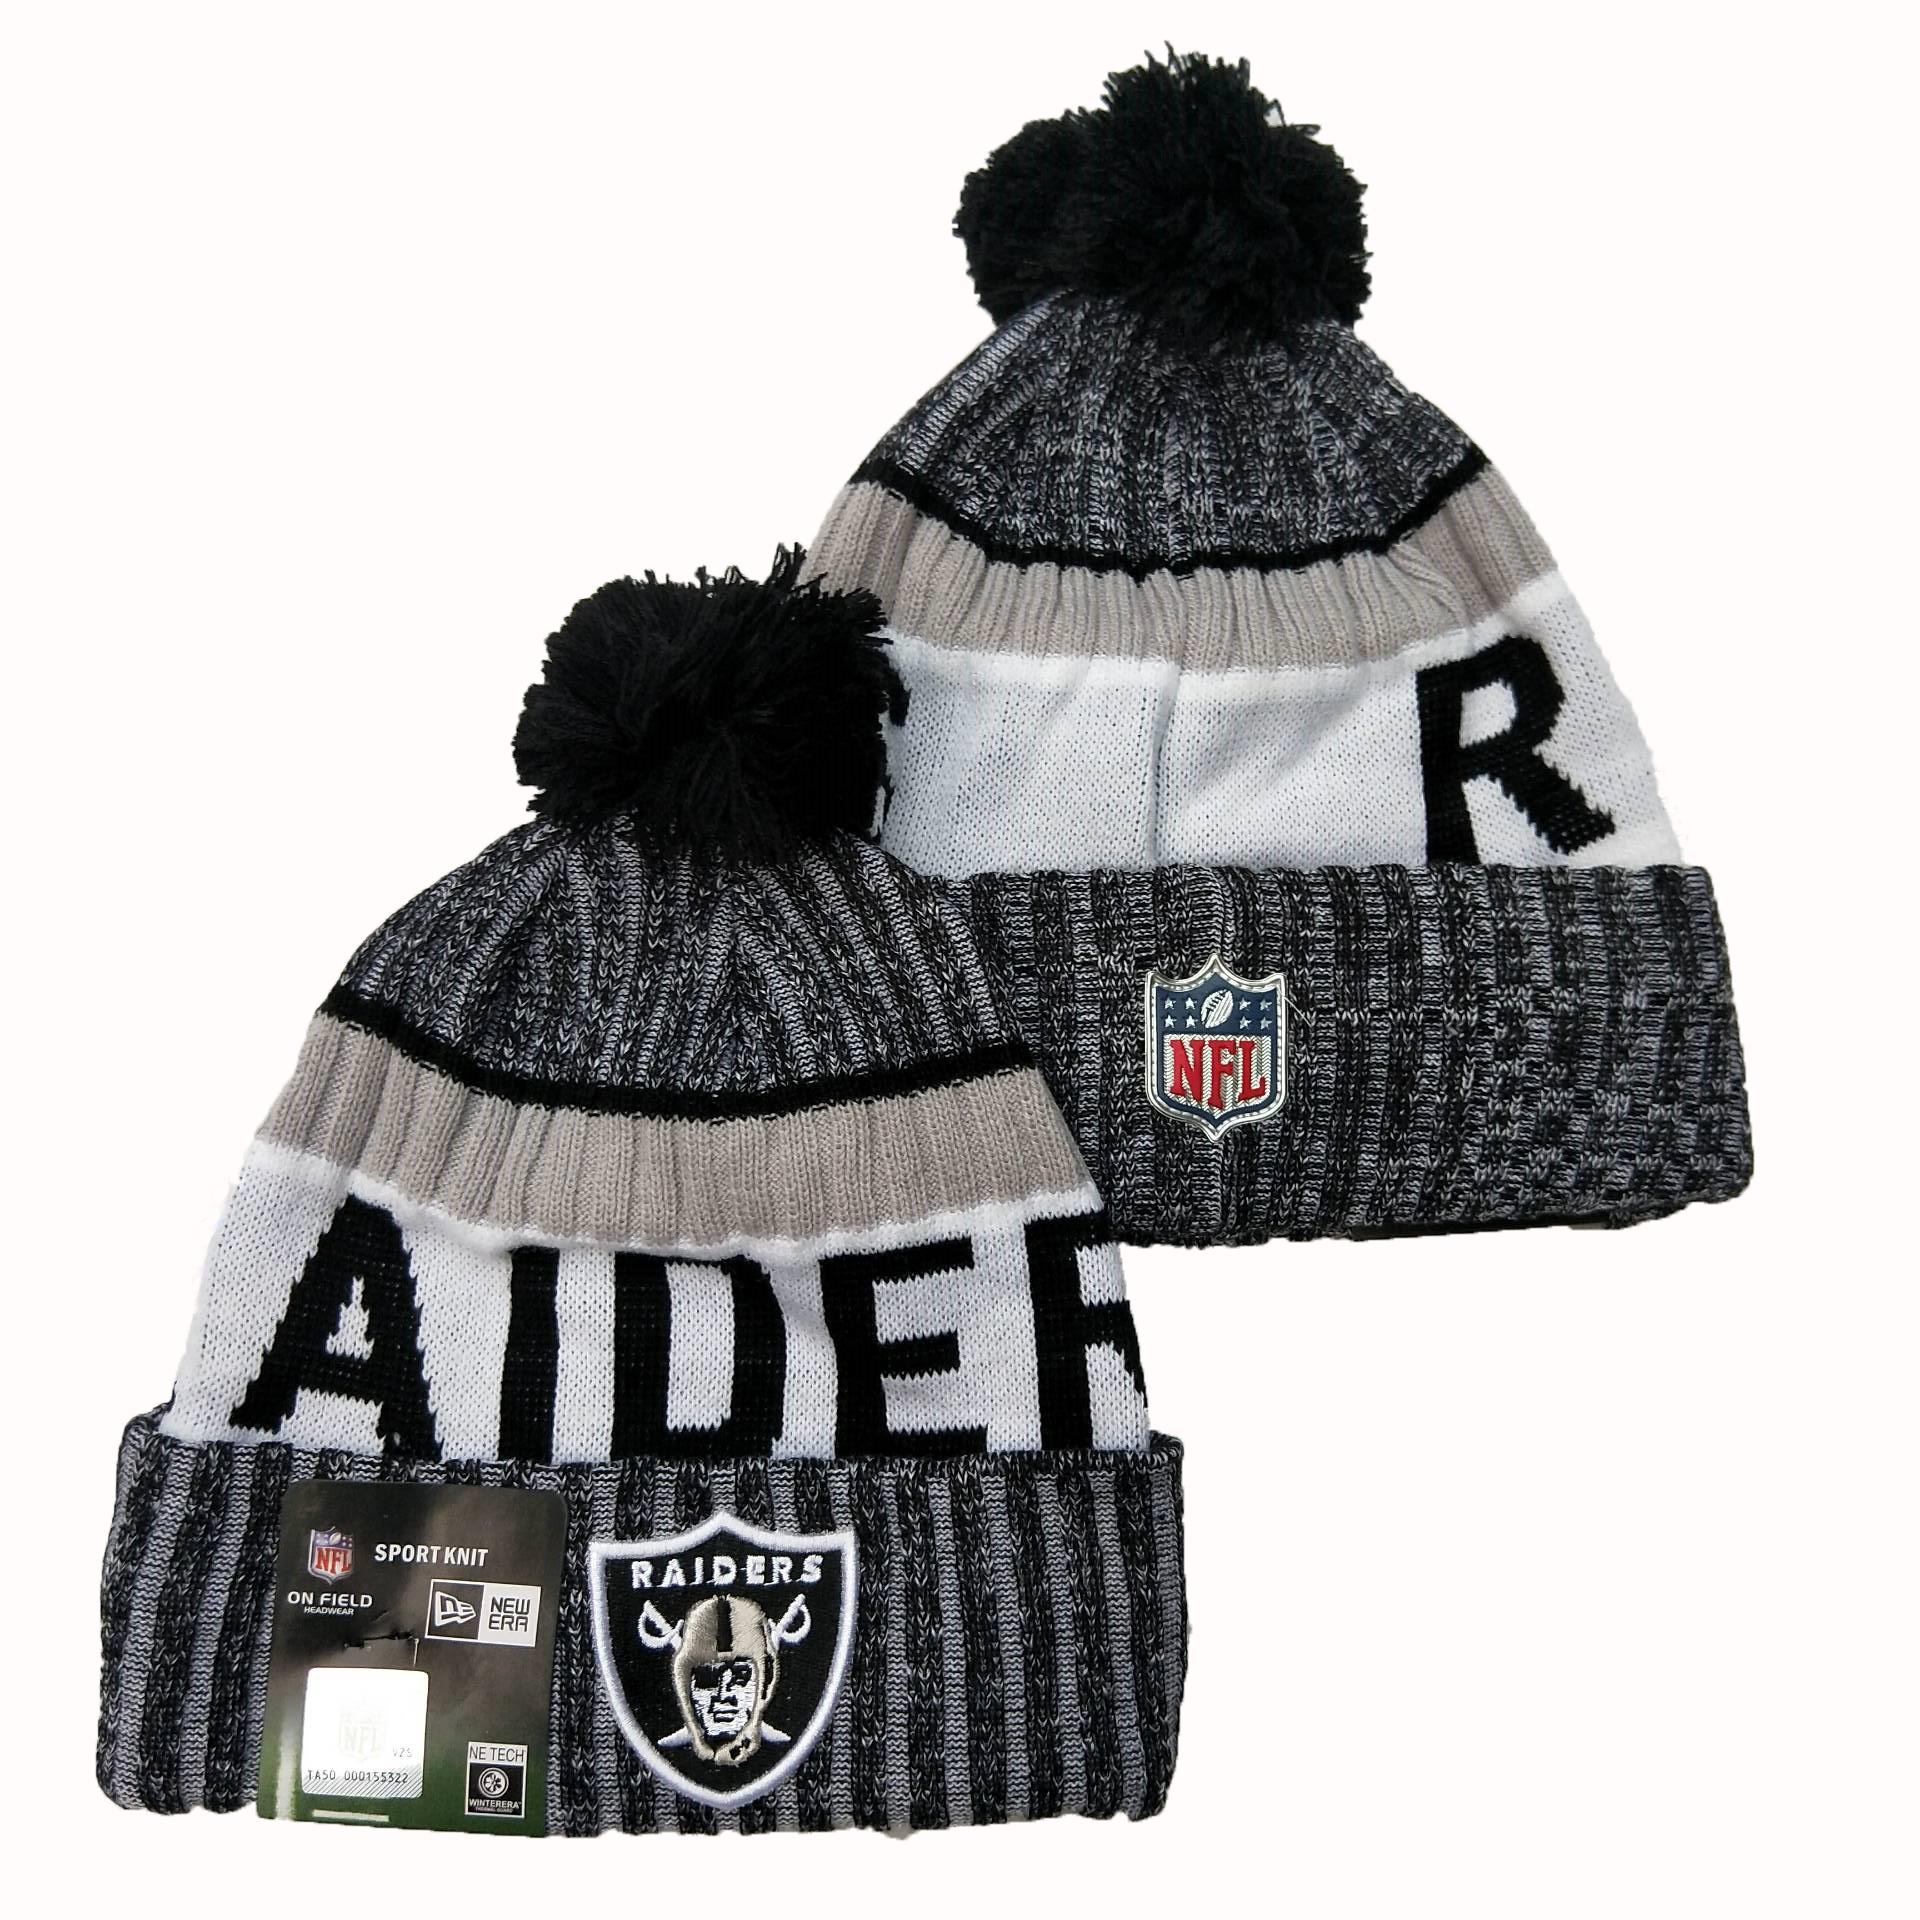 Raiders Fresh Logo Cuffed Pom Knit Hat YD